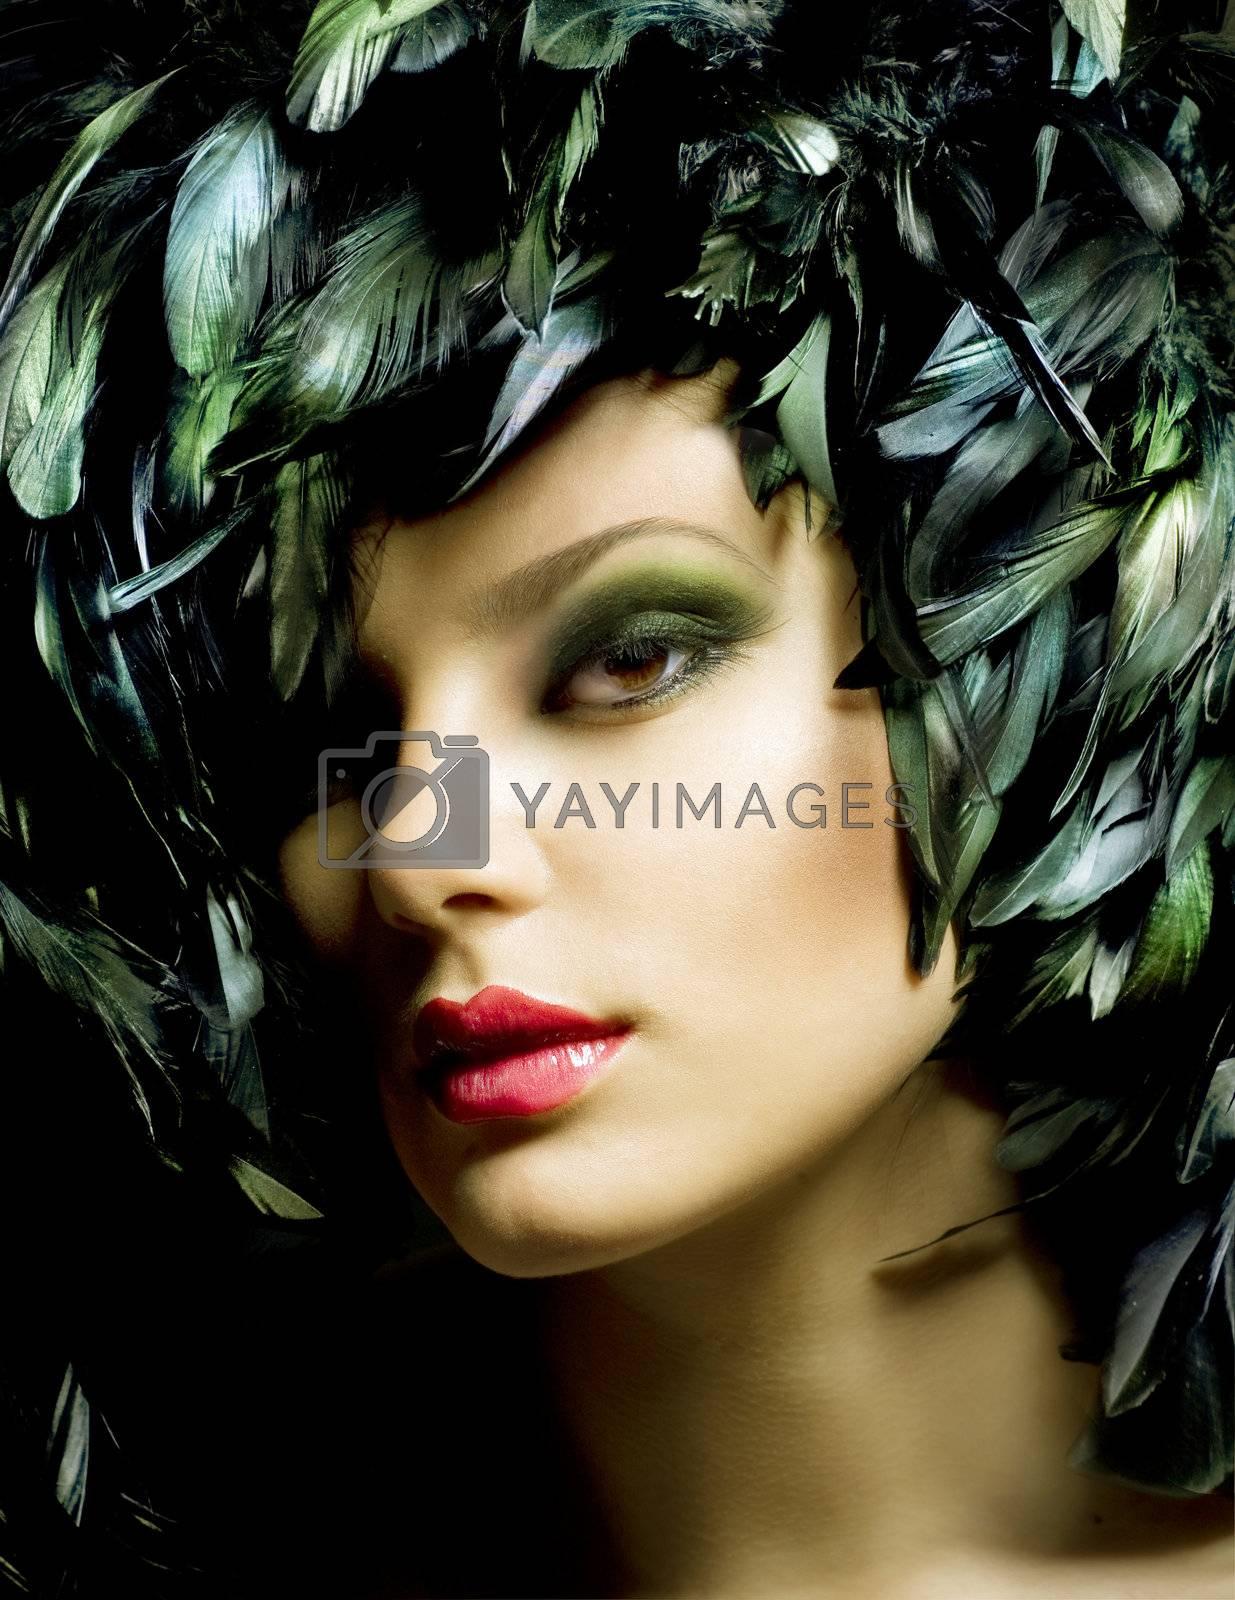 Fashion Art Portrait. Makeup